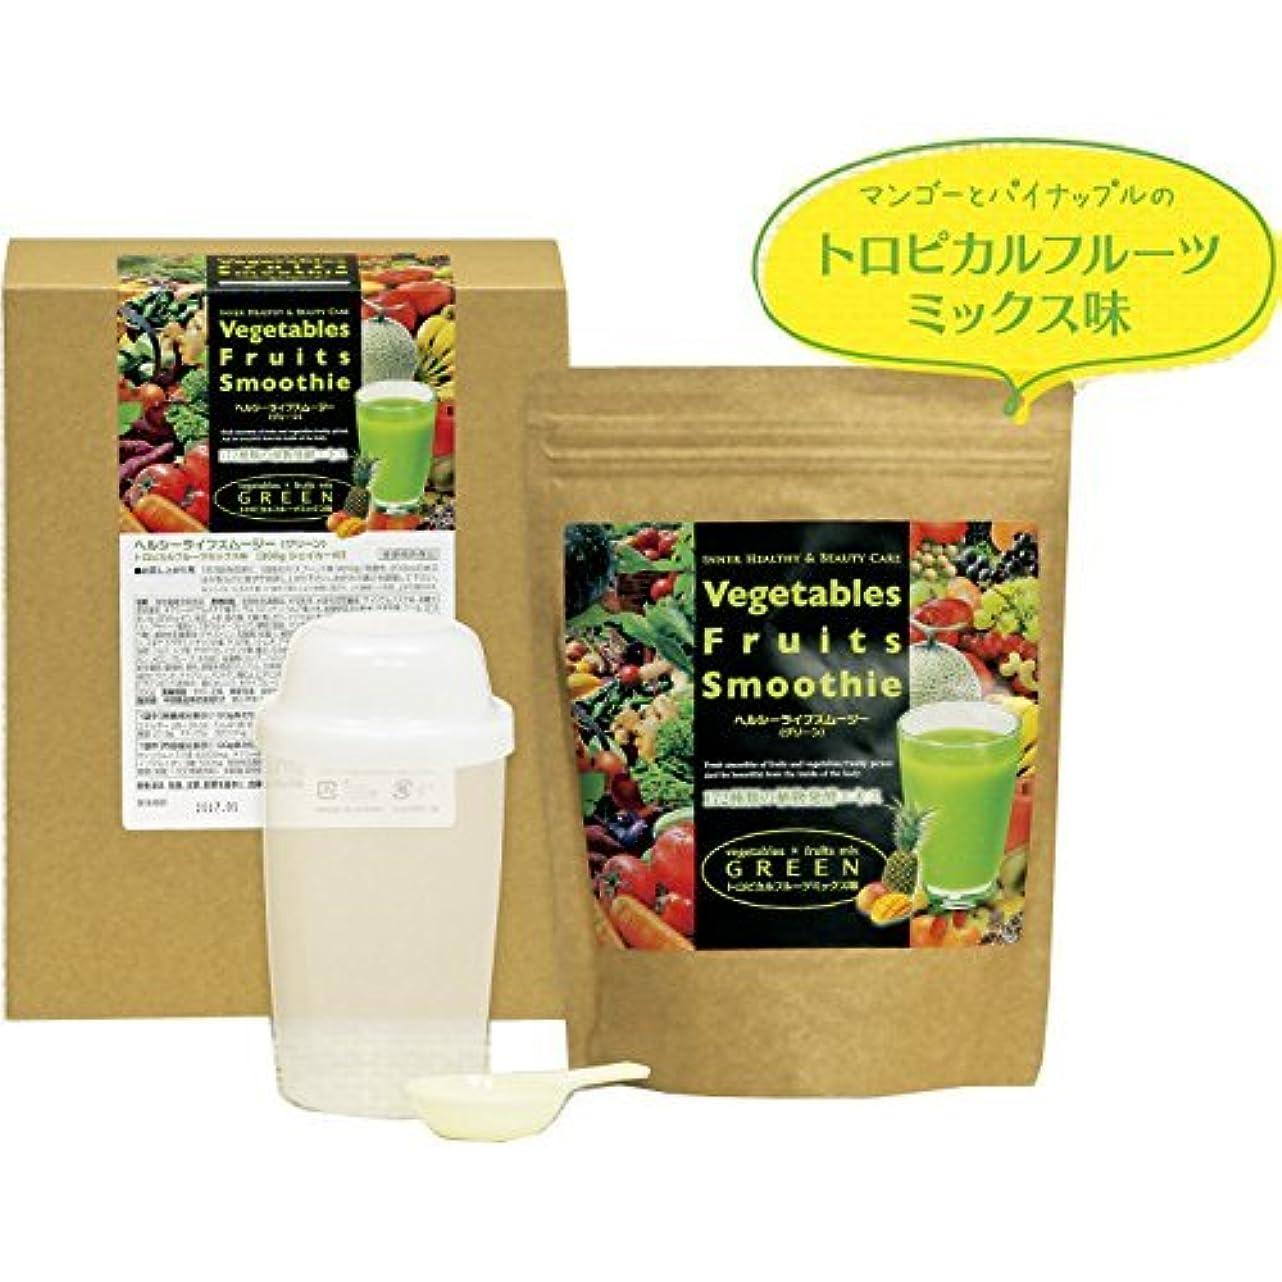 構成員切り刻むソーシャルVegetables Fruits Smoothie ヘルシーライフスムージー(グリーン)トロピカルフルーツミックス味(300g シェイカー付) 日本製